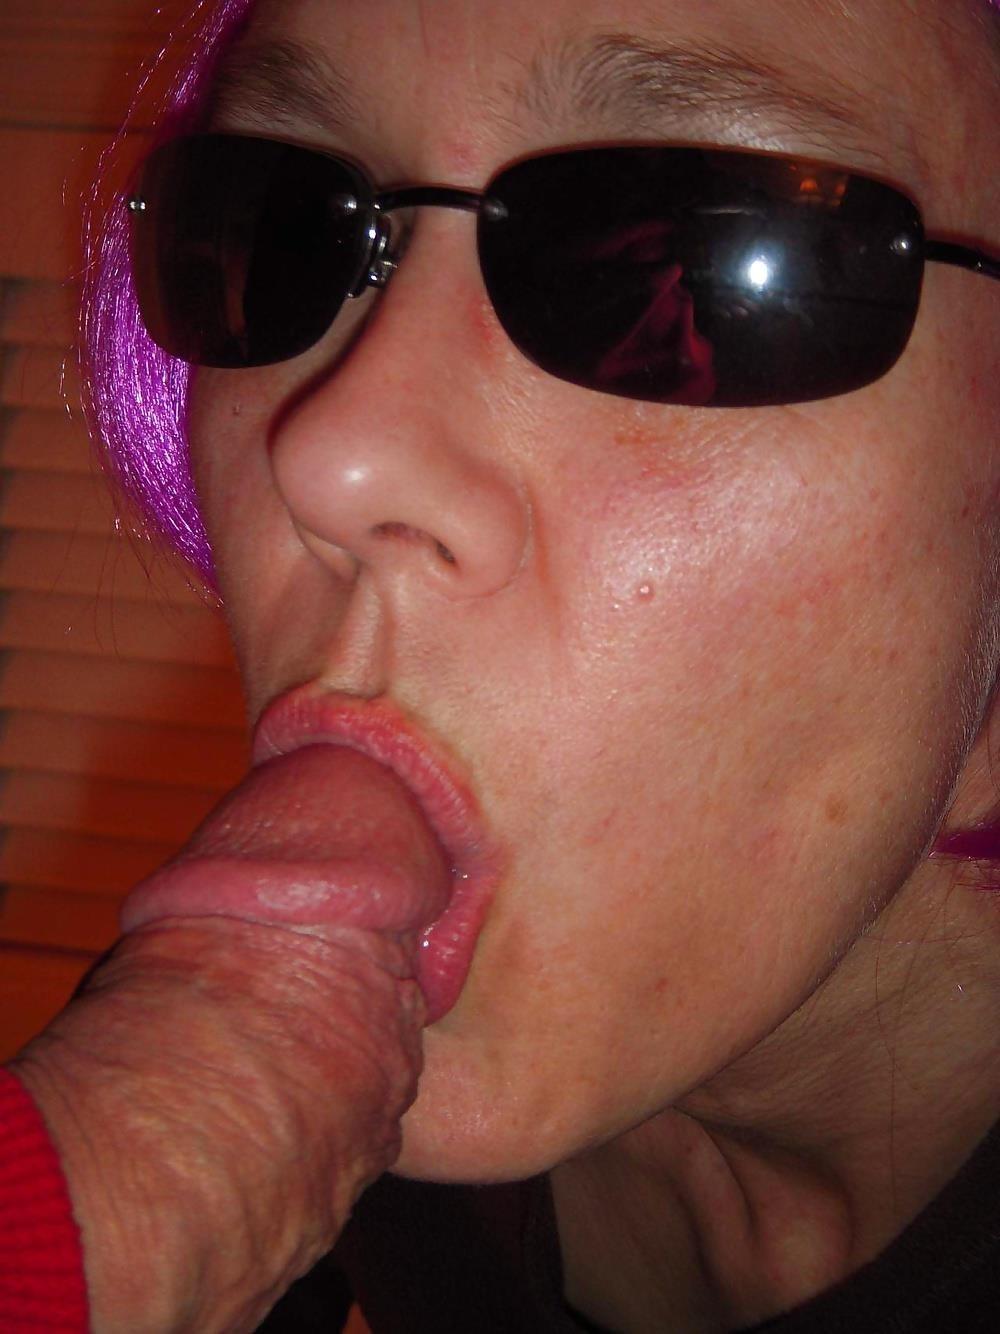 Amateur mature milf blowjob-6415